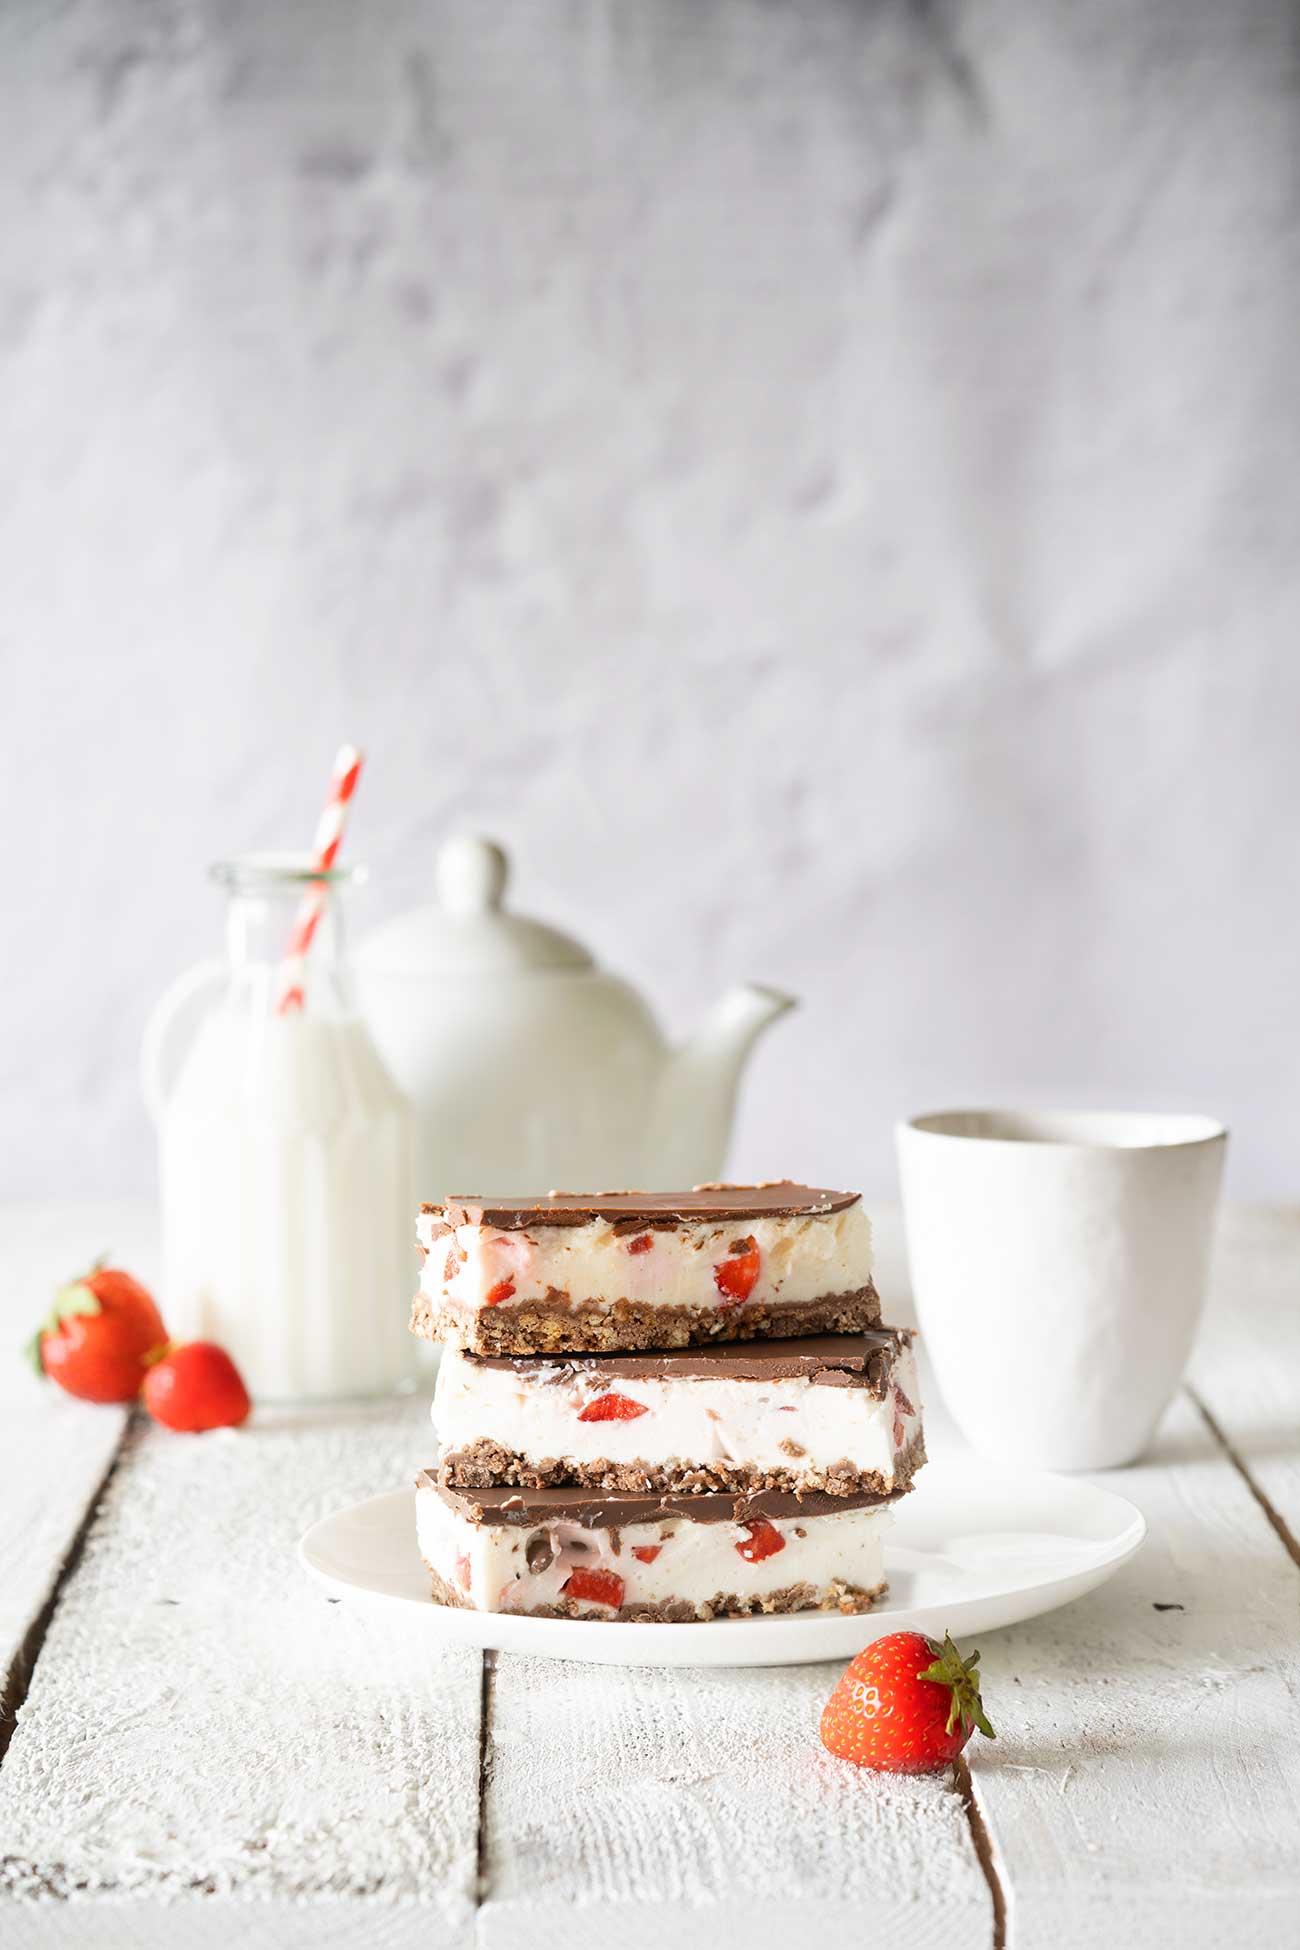 So kann die Woche starten. Mit fruchtig, frischen Erdbeer-Schnittchen. Wer die kleinen Yogurette Erdbeerriegel mag, kommt hier jetzt voll auf seine Kosten, denn der kleinen Riegel wird jetzt zum großen Schnittchen.